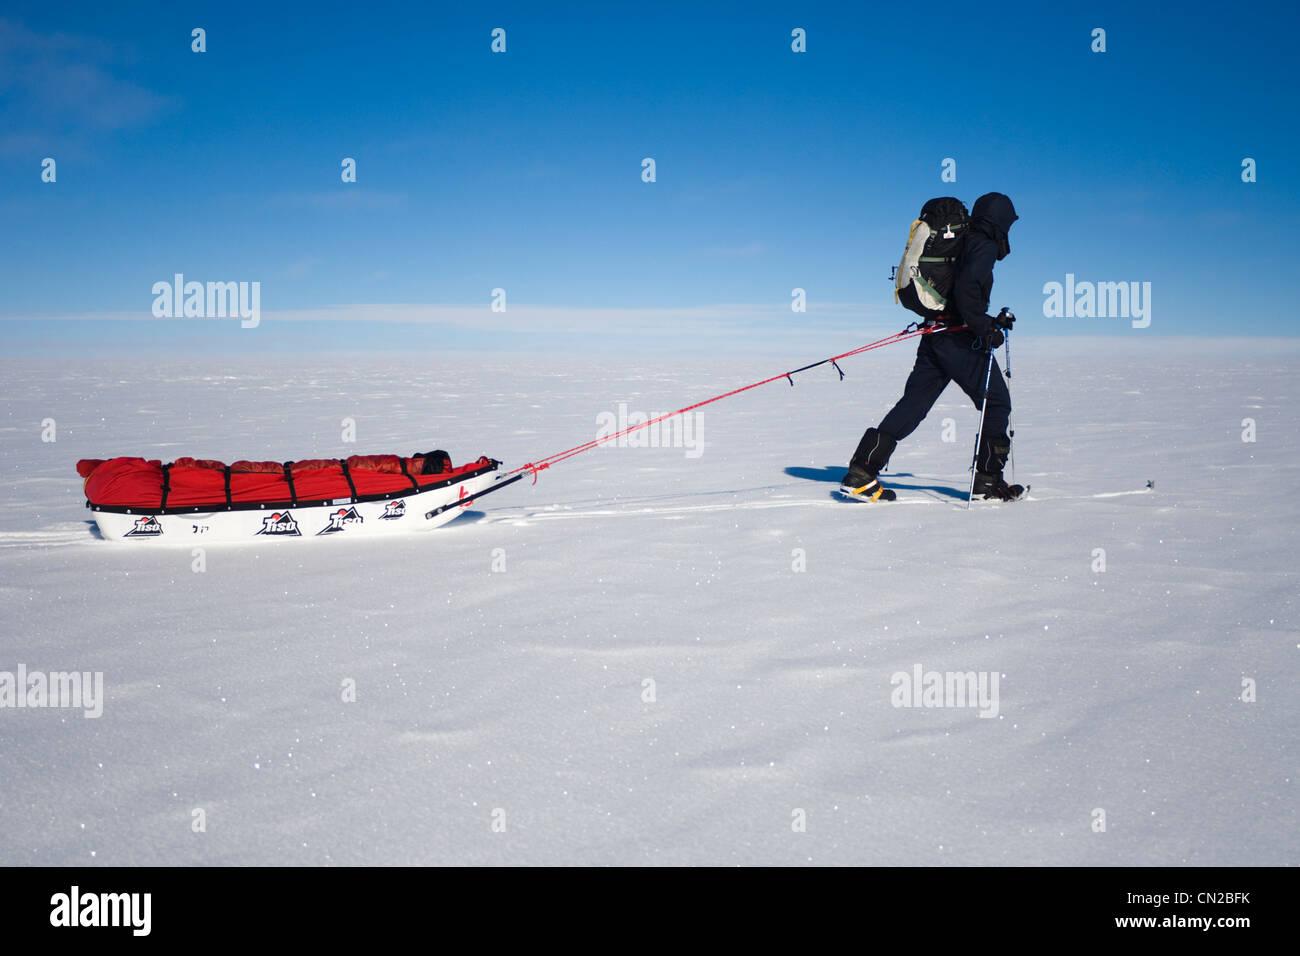 El explorador polar acarreando trineos, Groenlandia -Sr. Imagen De Stock